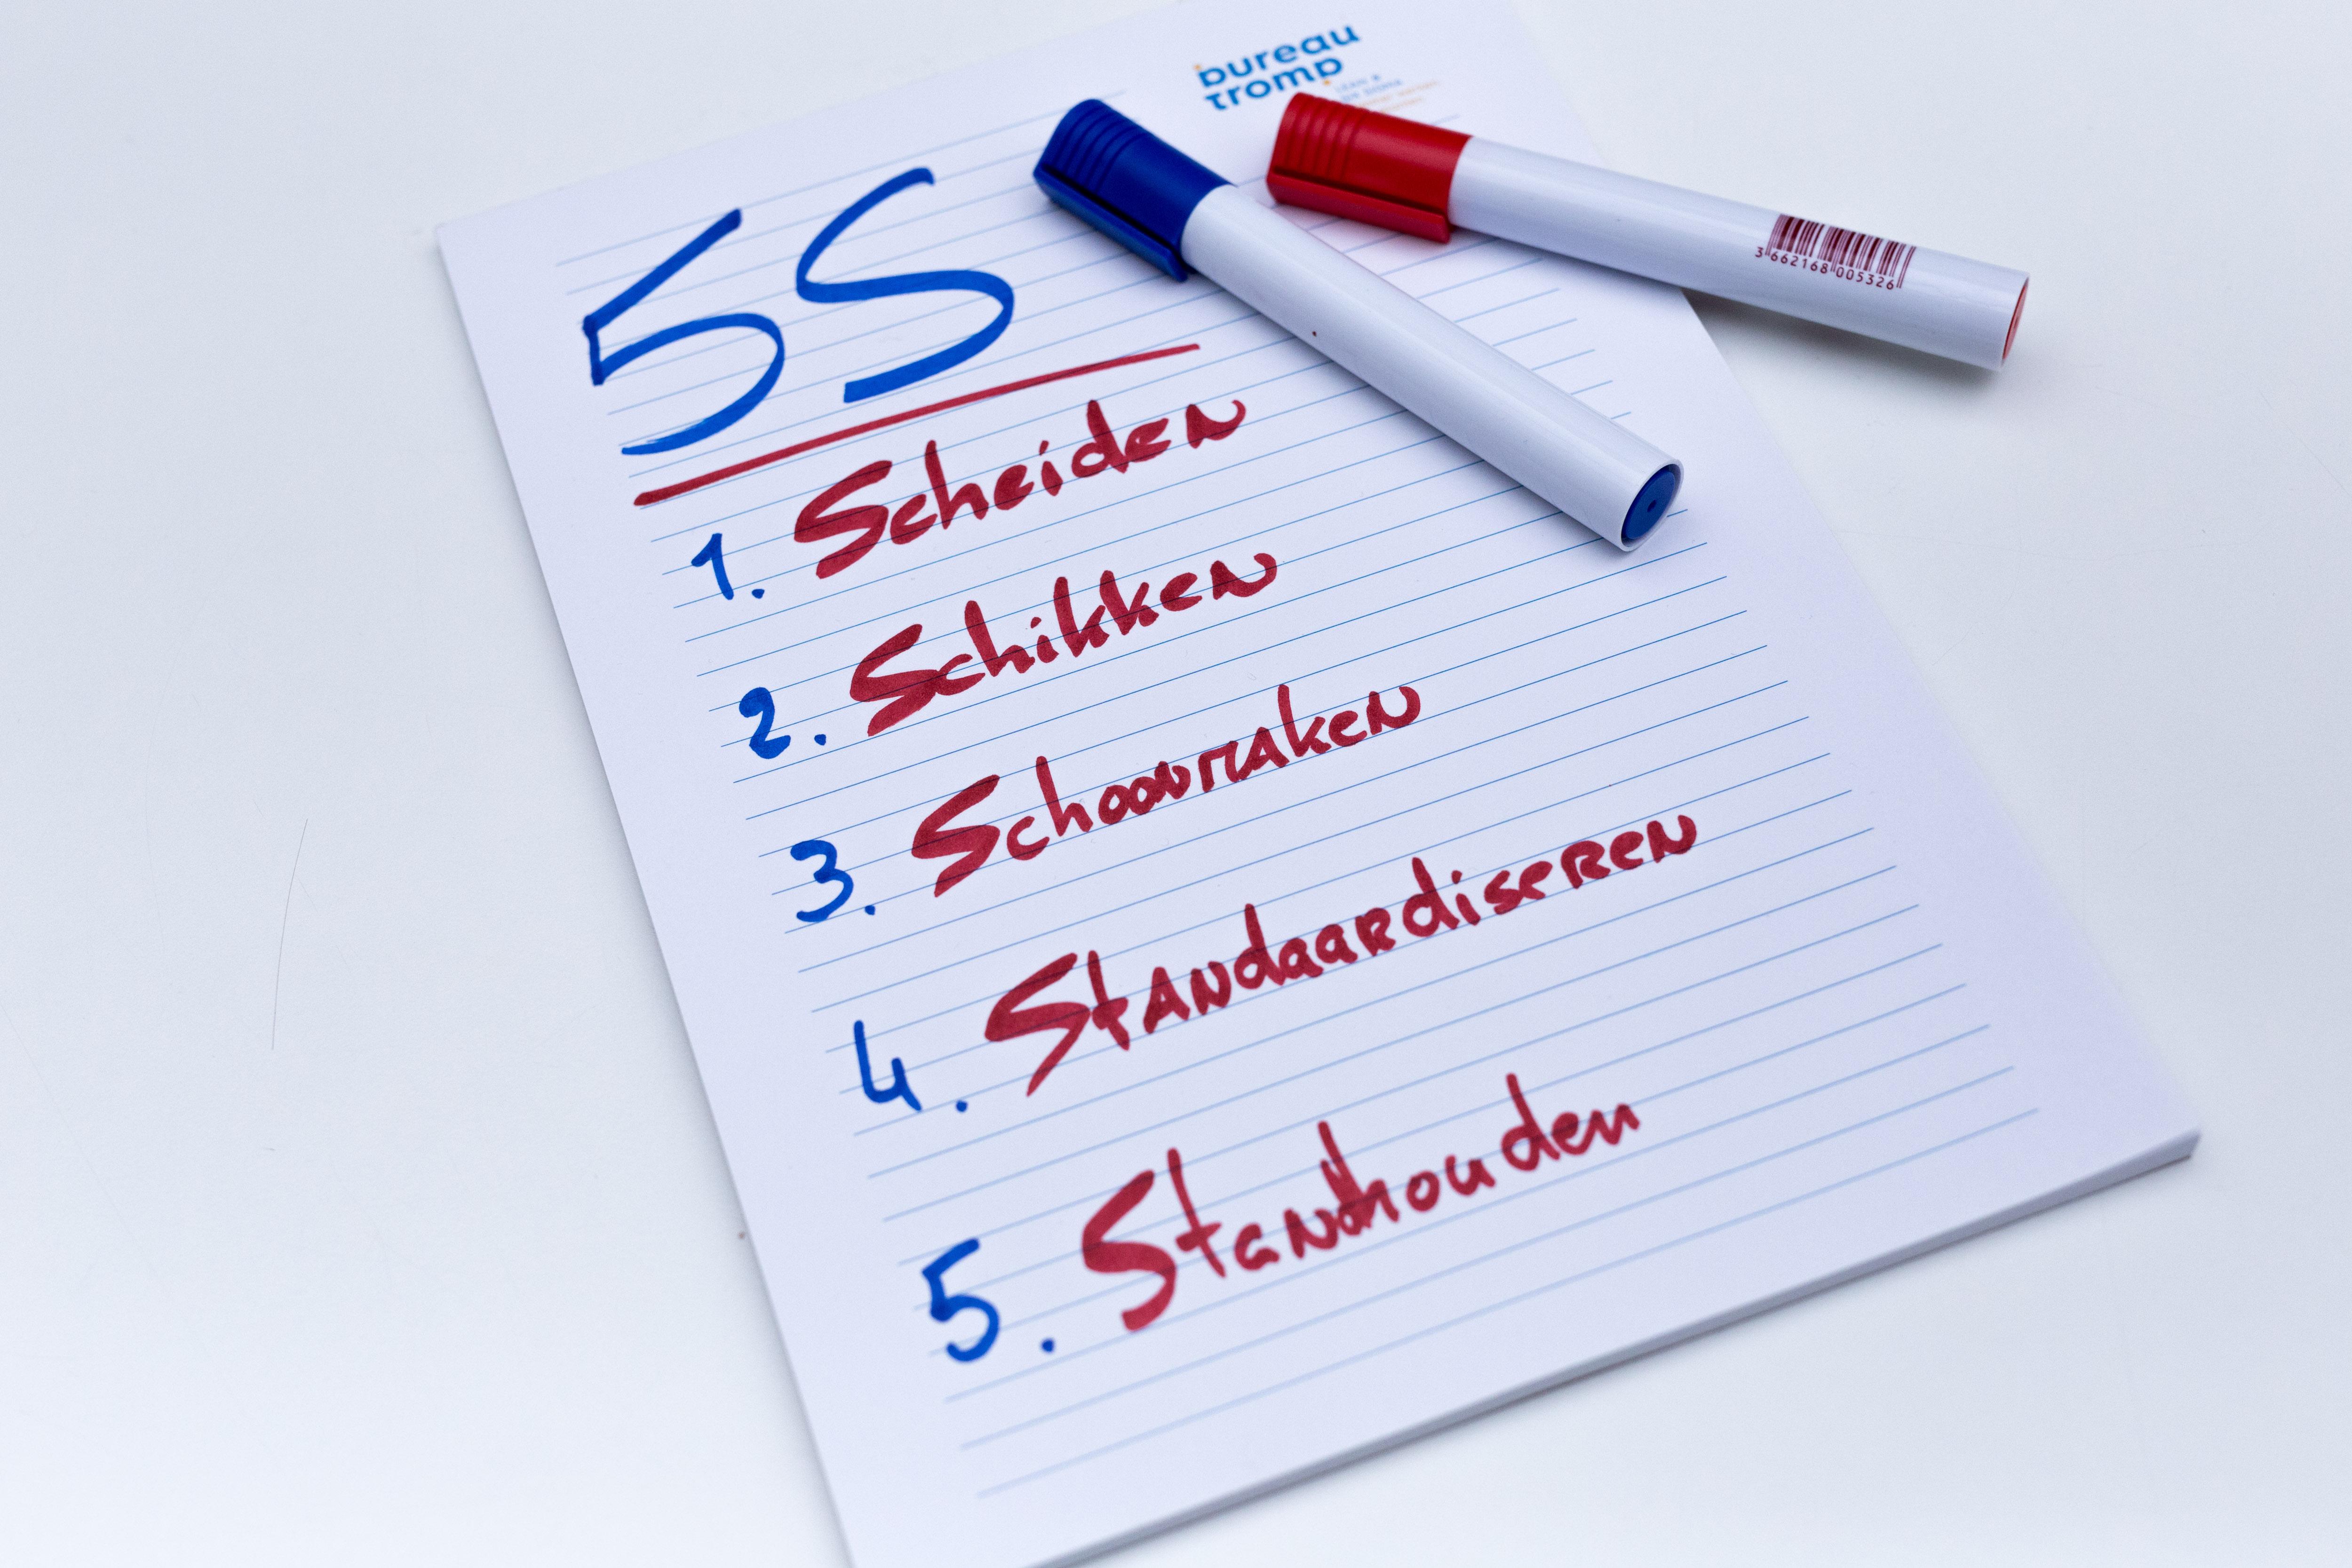 5S uitgelegd, Scheiden, Schikken, Schoonmaken, Standardiseren, Standhouden